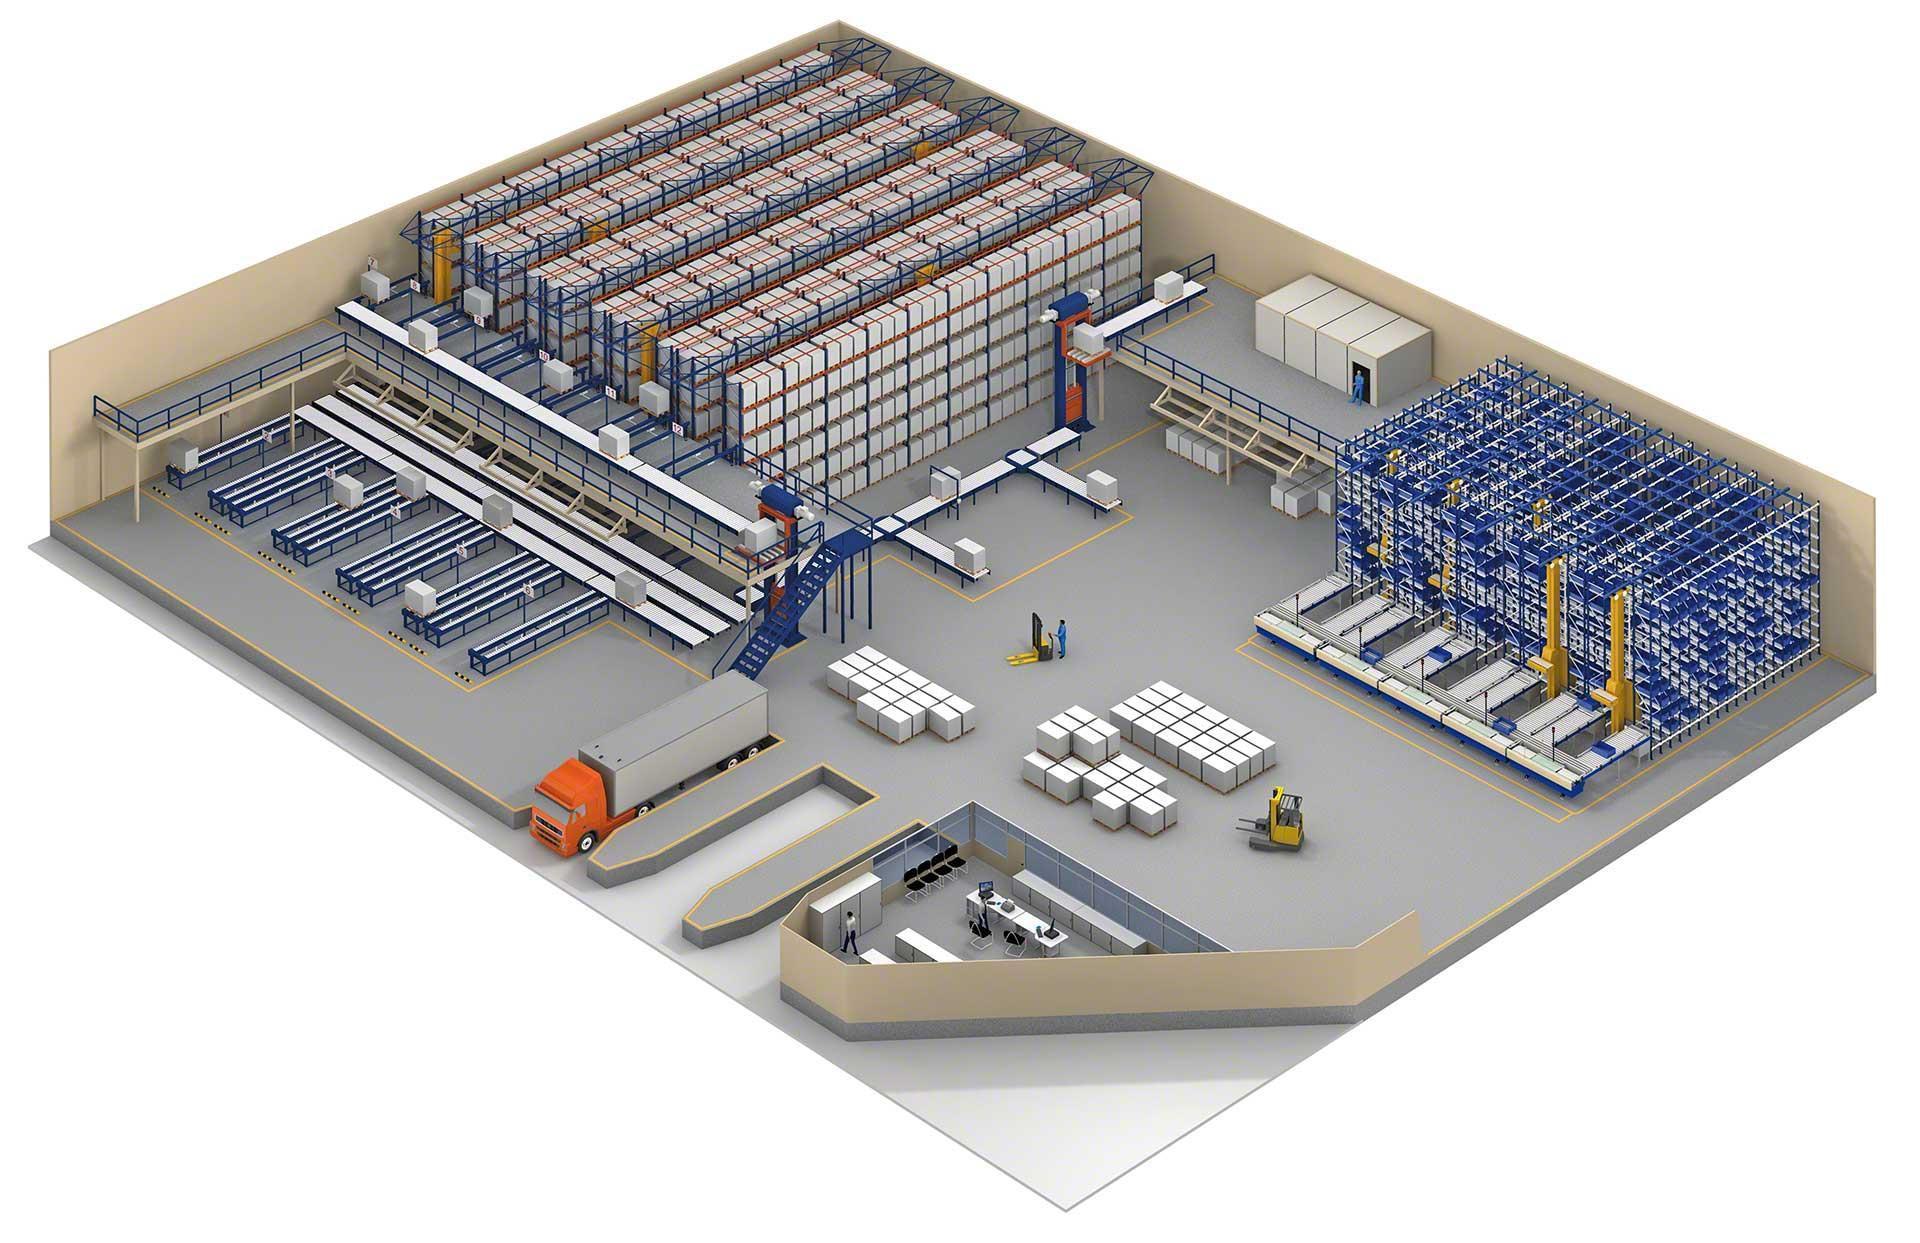 Une bonne organisation et distribution de l'espace fait partie des éléments à réussir en matière de gestion d'un entrepôt logistique